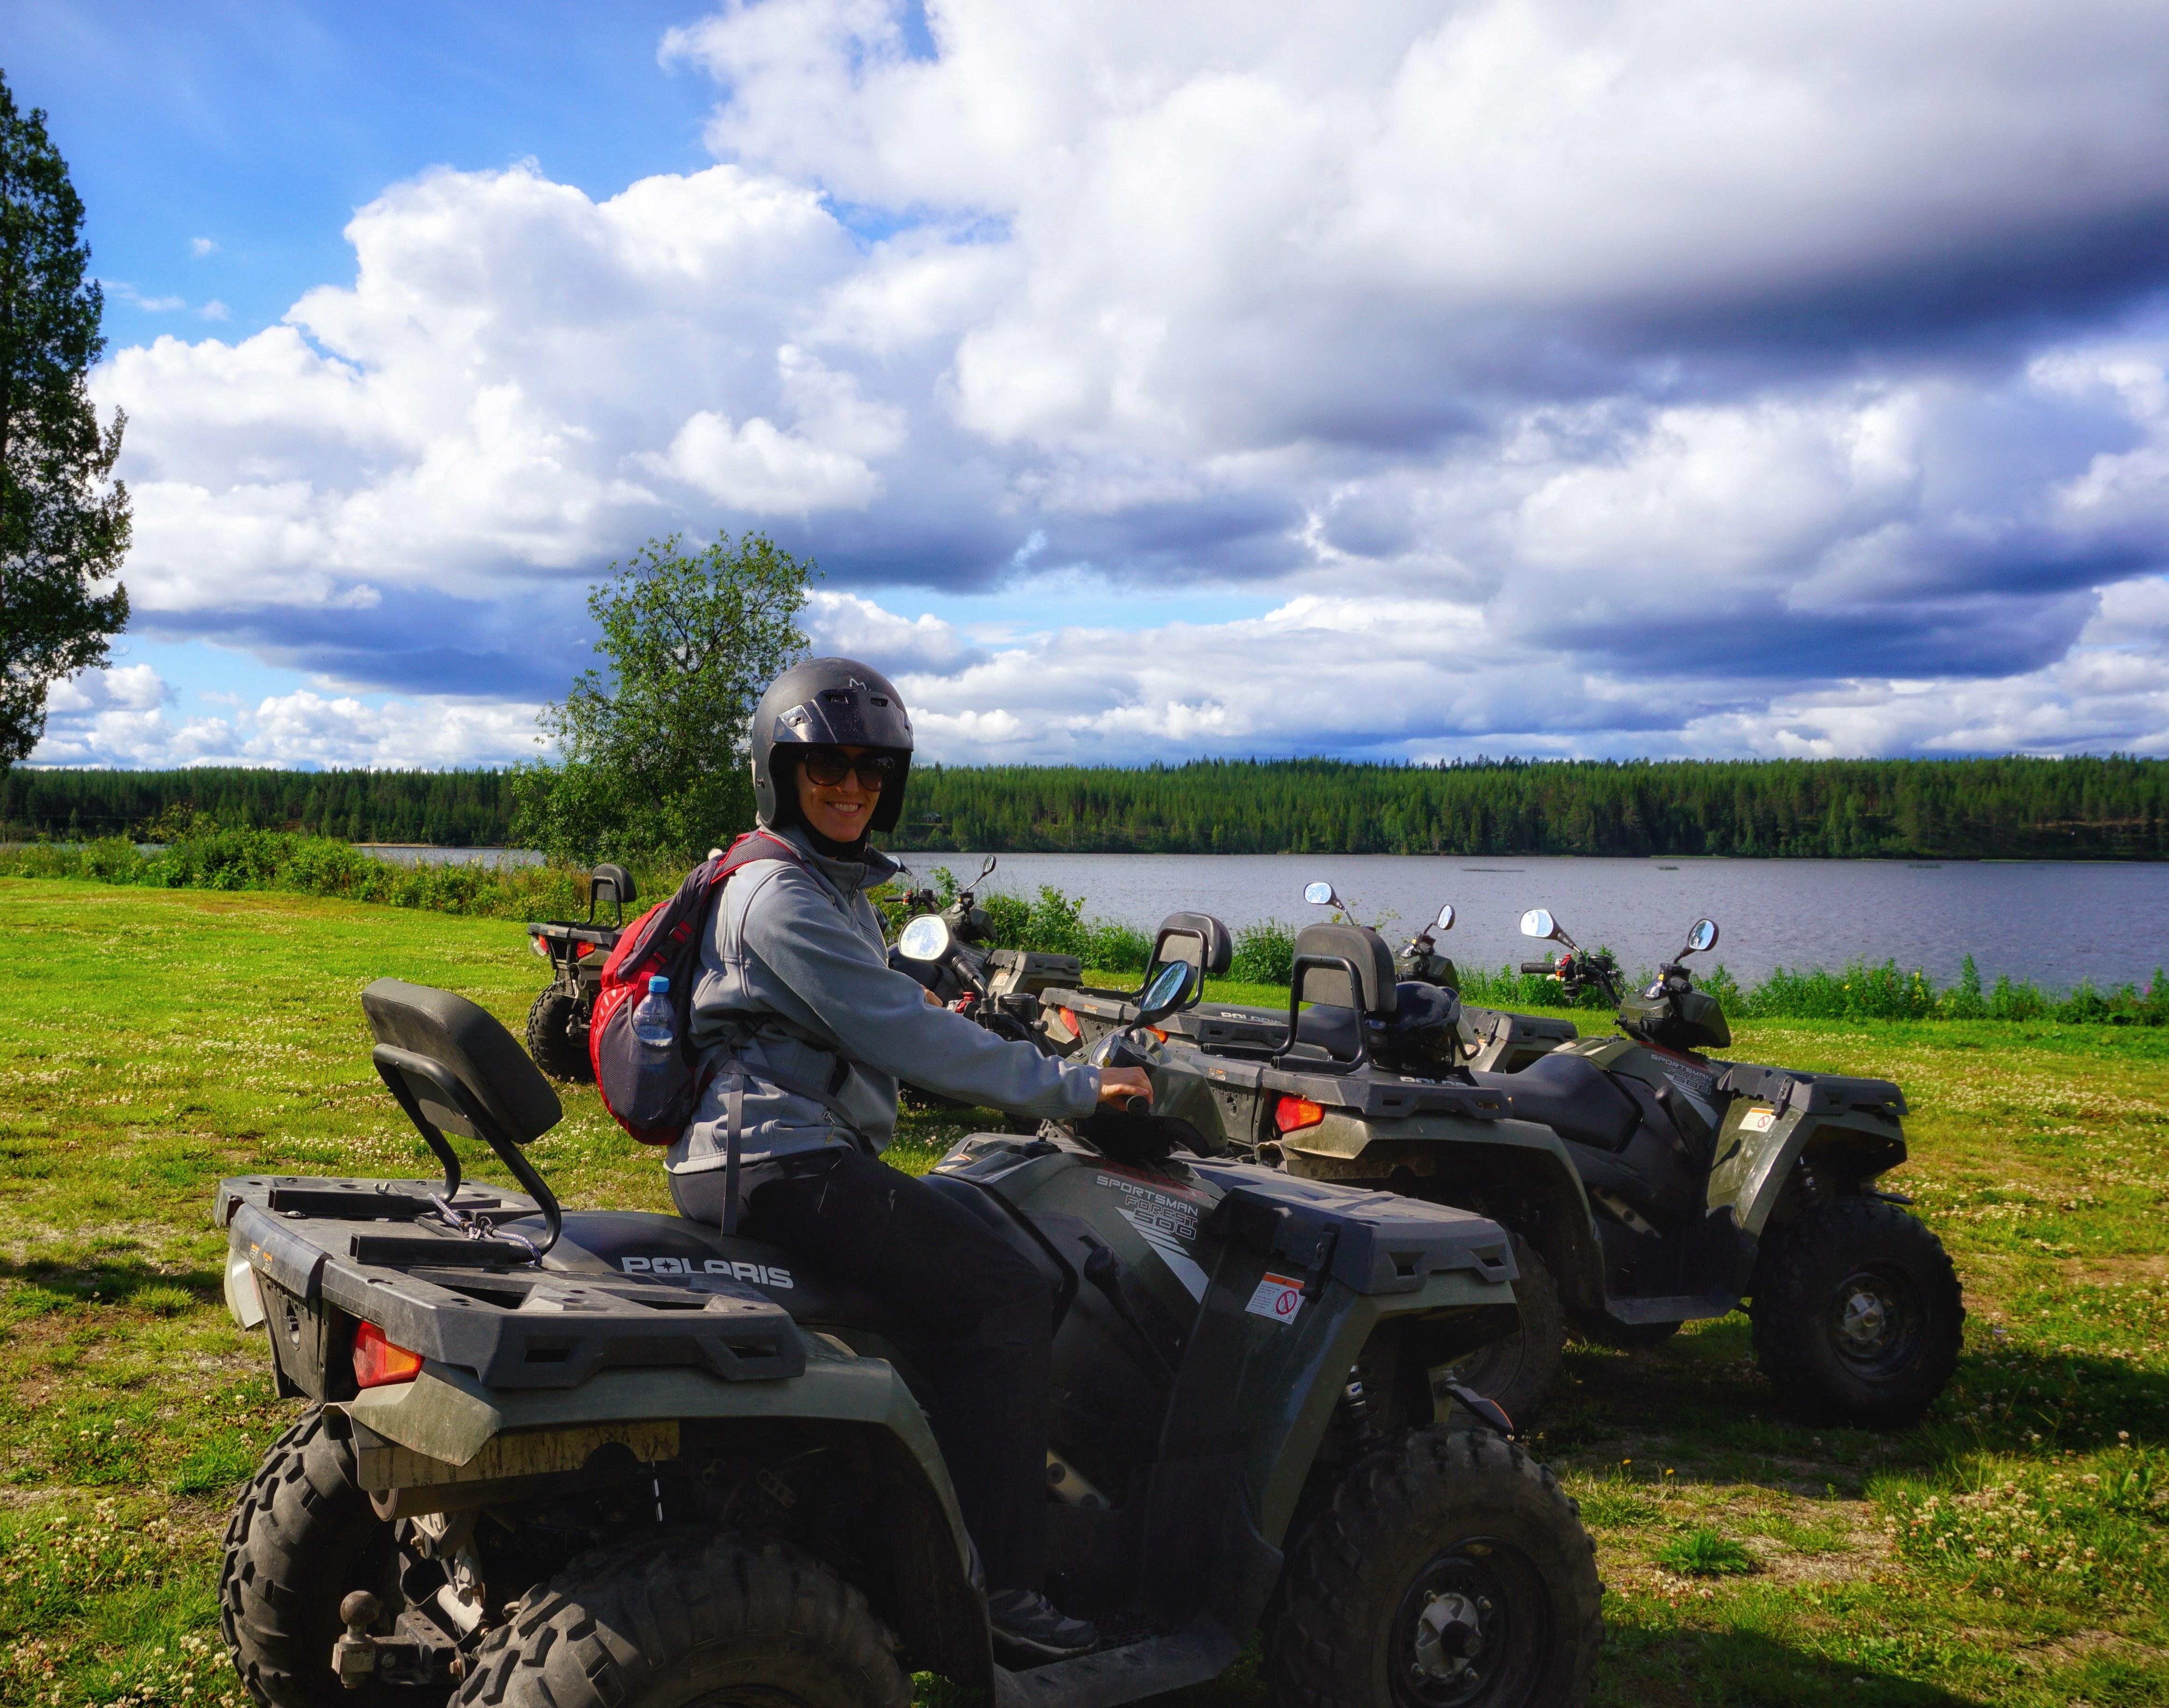 Skelleftea Swedish Lapland ATV